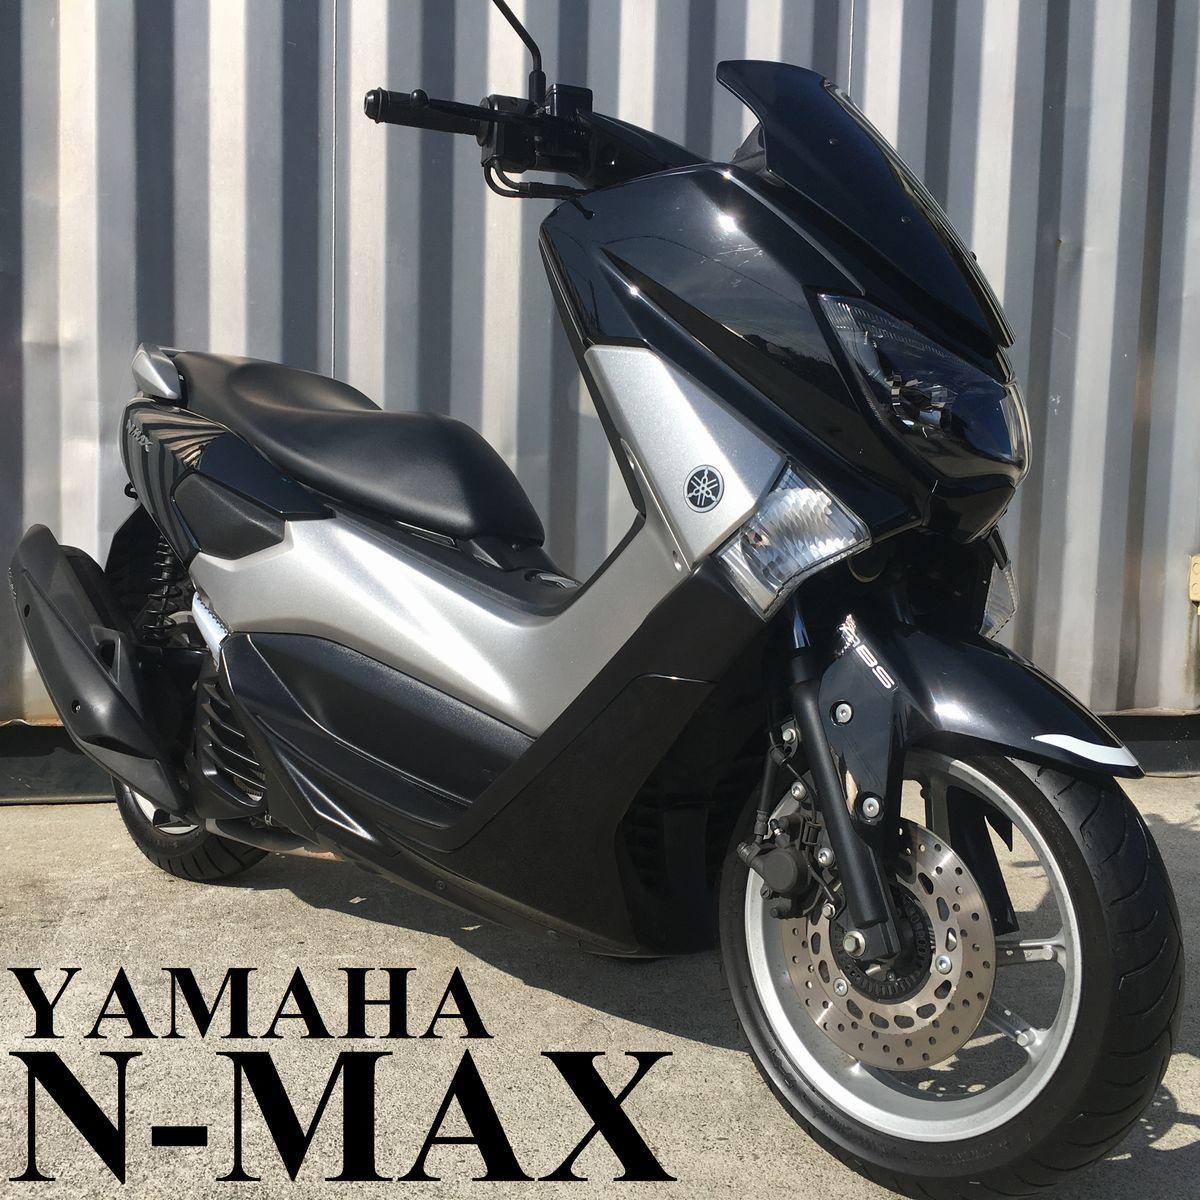 「通勤通学に最適! N-MAX 125 SE86J 外装綺麗 検討: NMAX N MAX 125 PCX コマジェ アドレス 原付2種 zxcv21072」の画像1